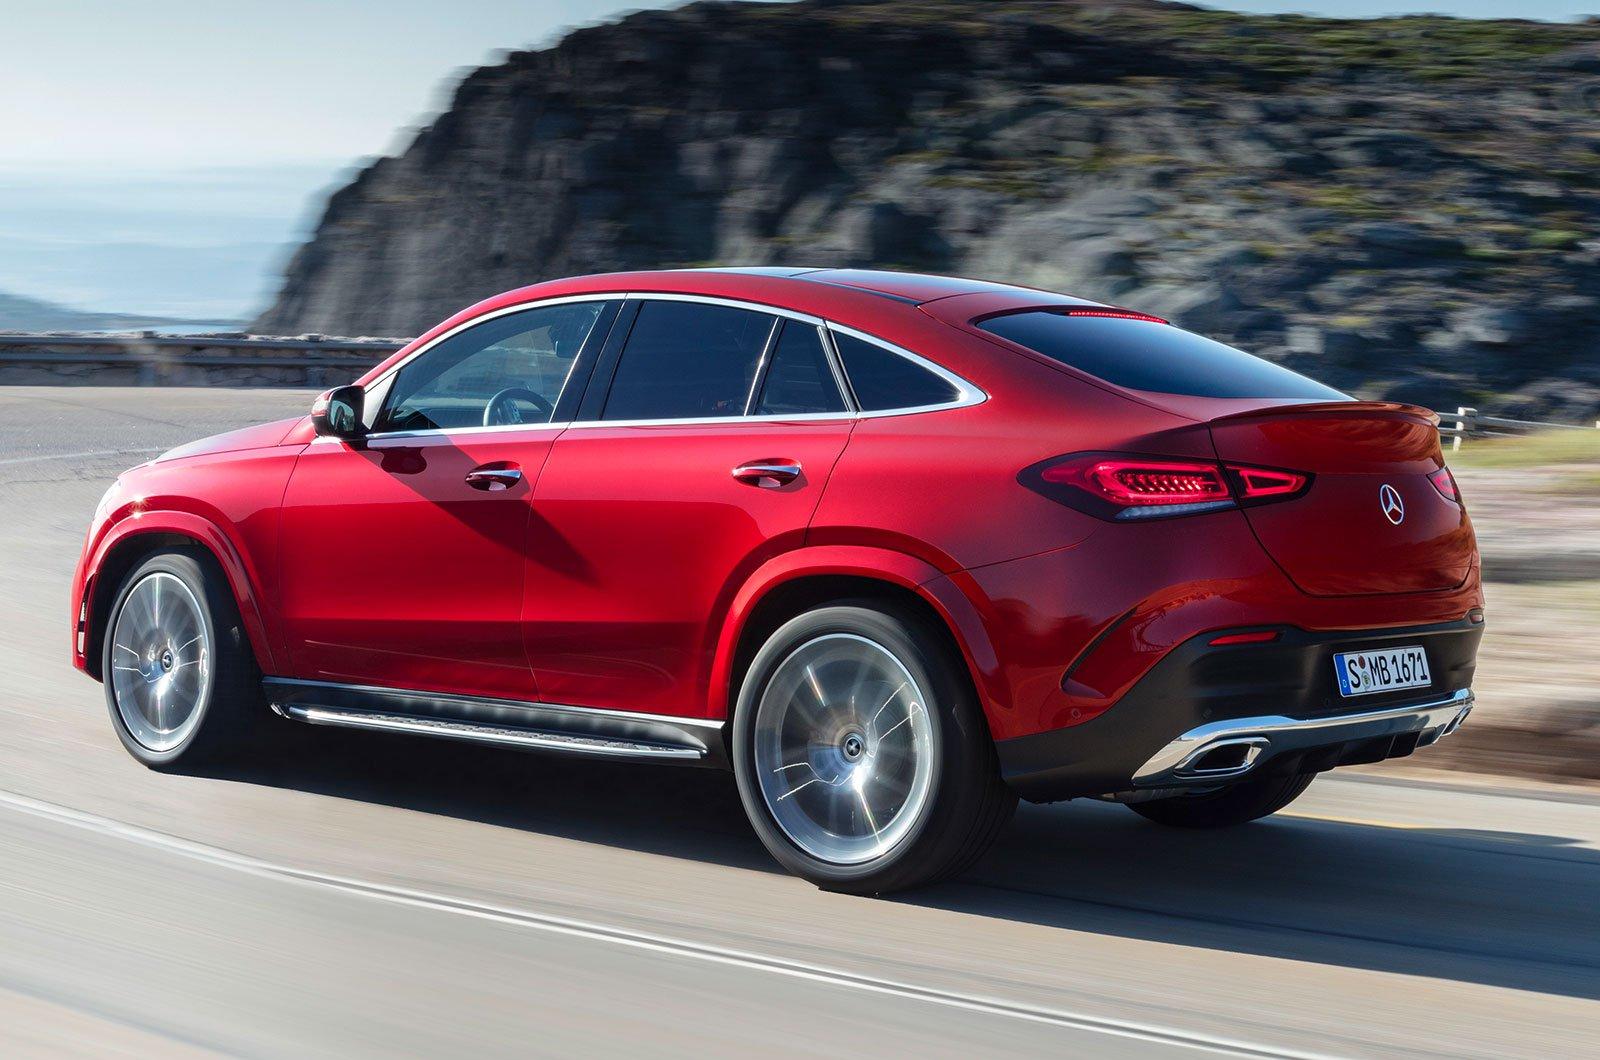 Mercedes GLE Coupé rear